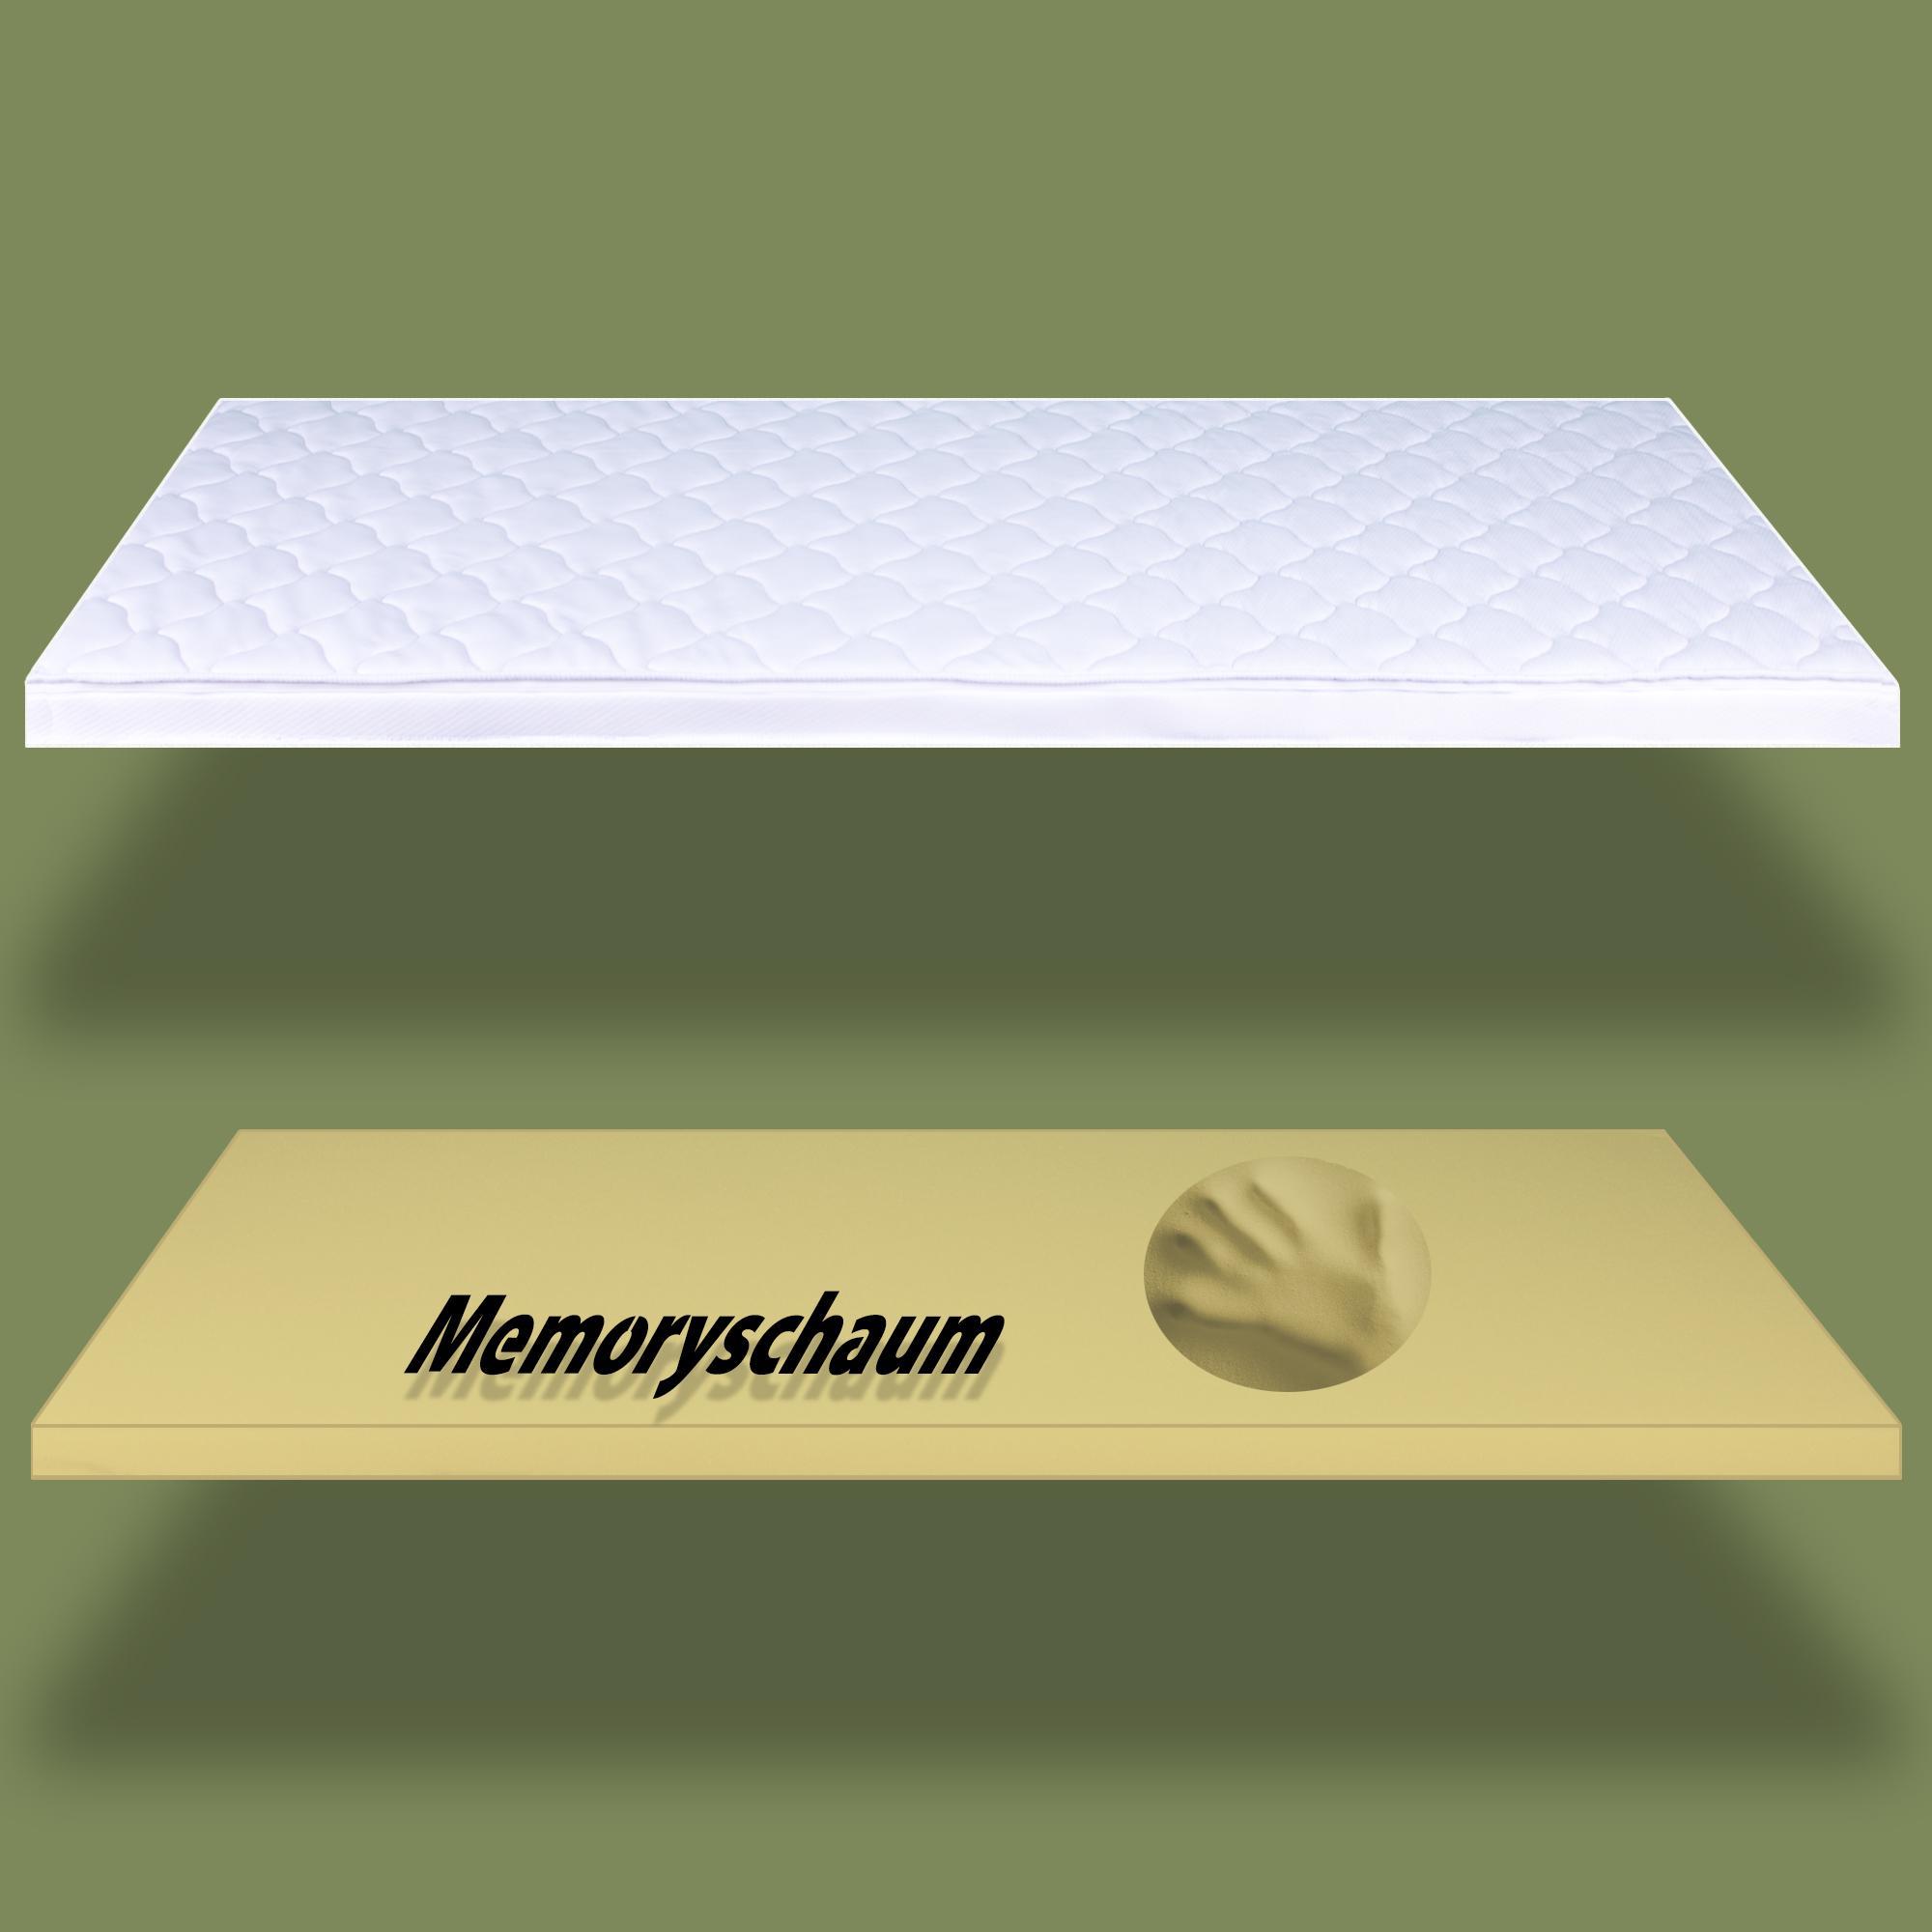 matratzen topper gelschaum kaltschaum memoryschaum viskoschaum matratzenauflage ebay. Black Bedroom Furniture Sets. Home Design Ideas